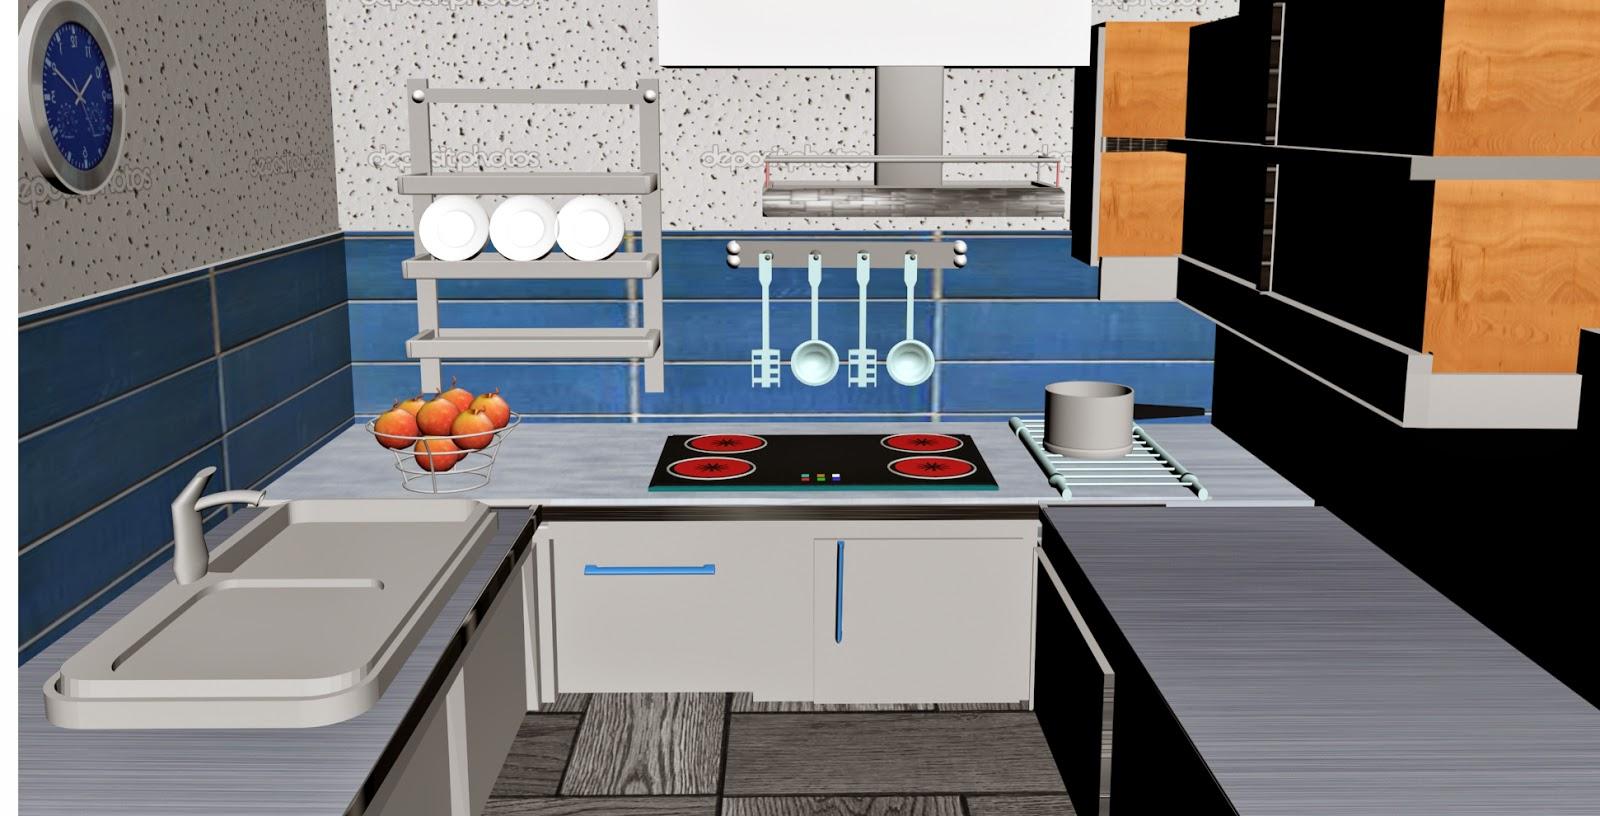 kitchen design 3ds max